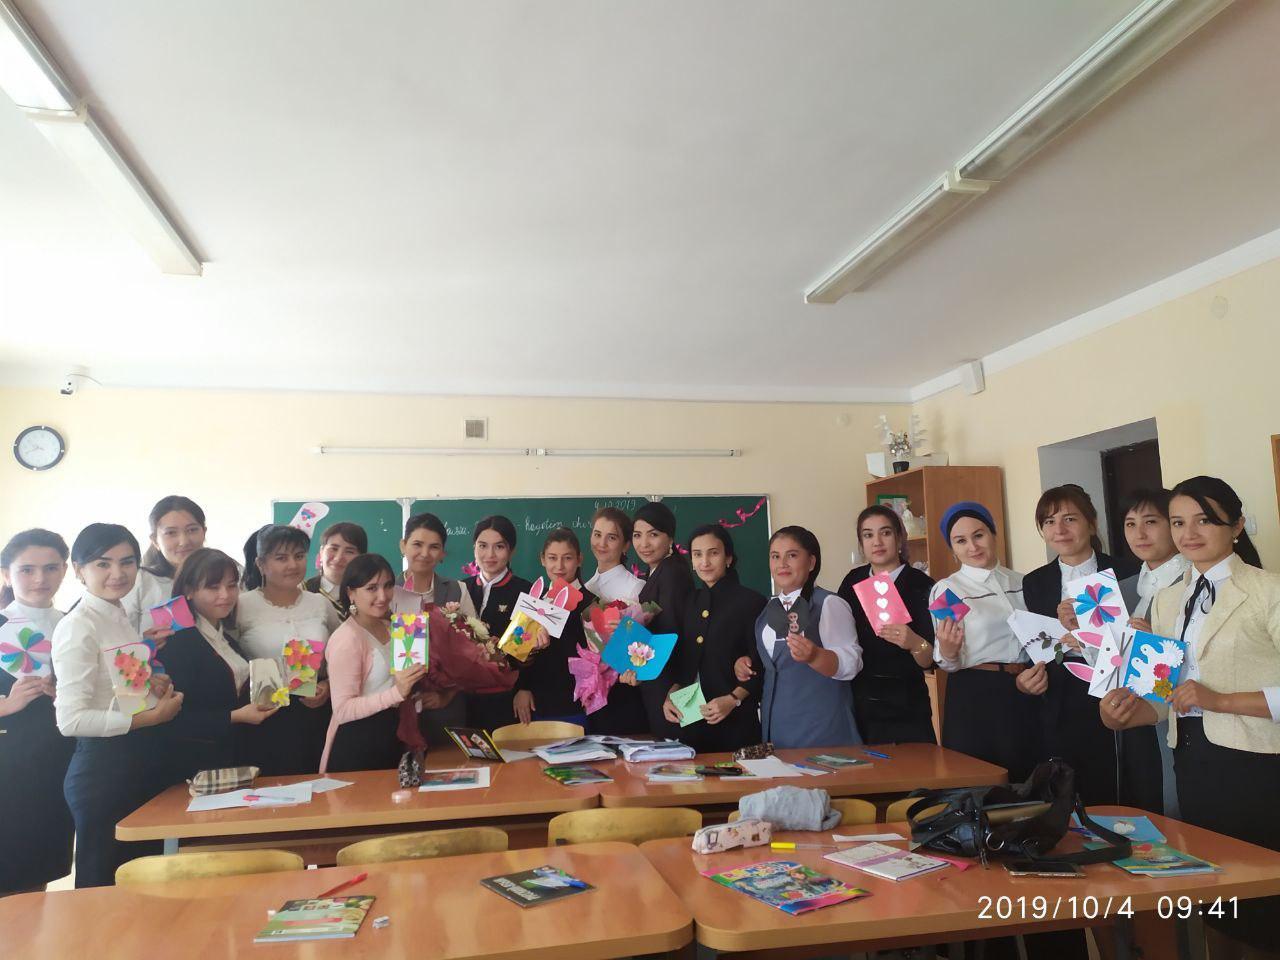 Event follow my teacher's day